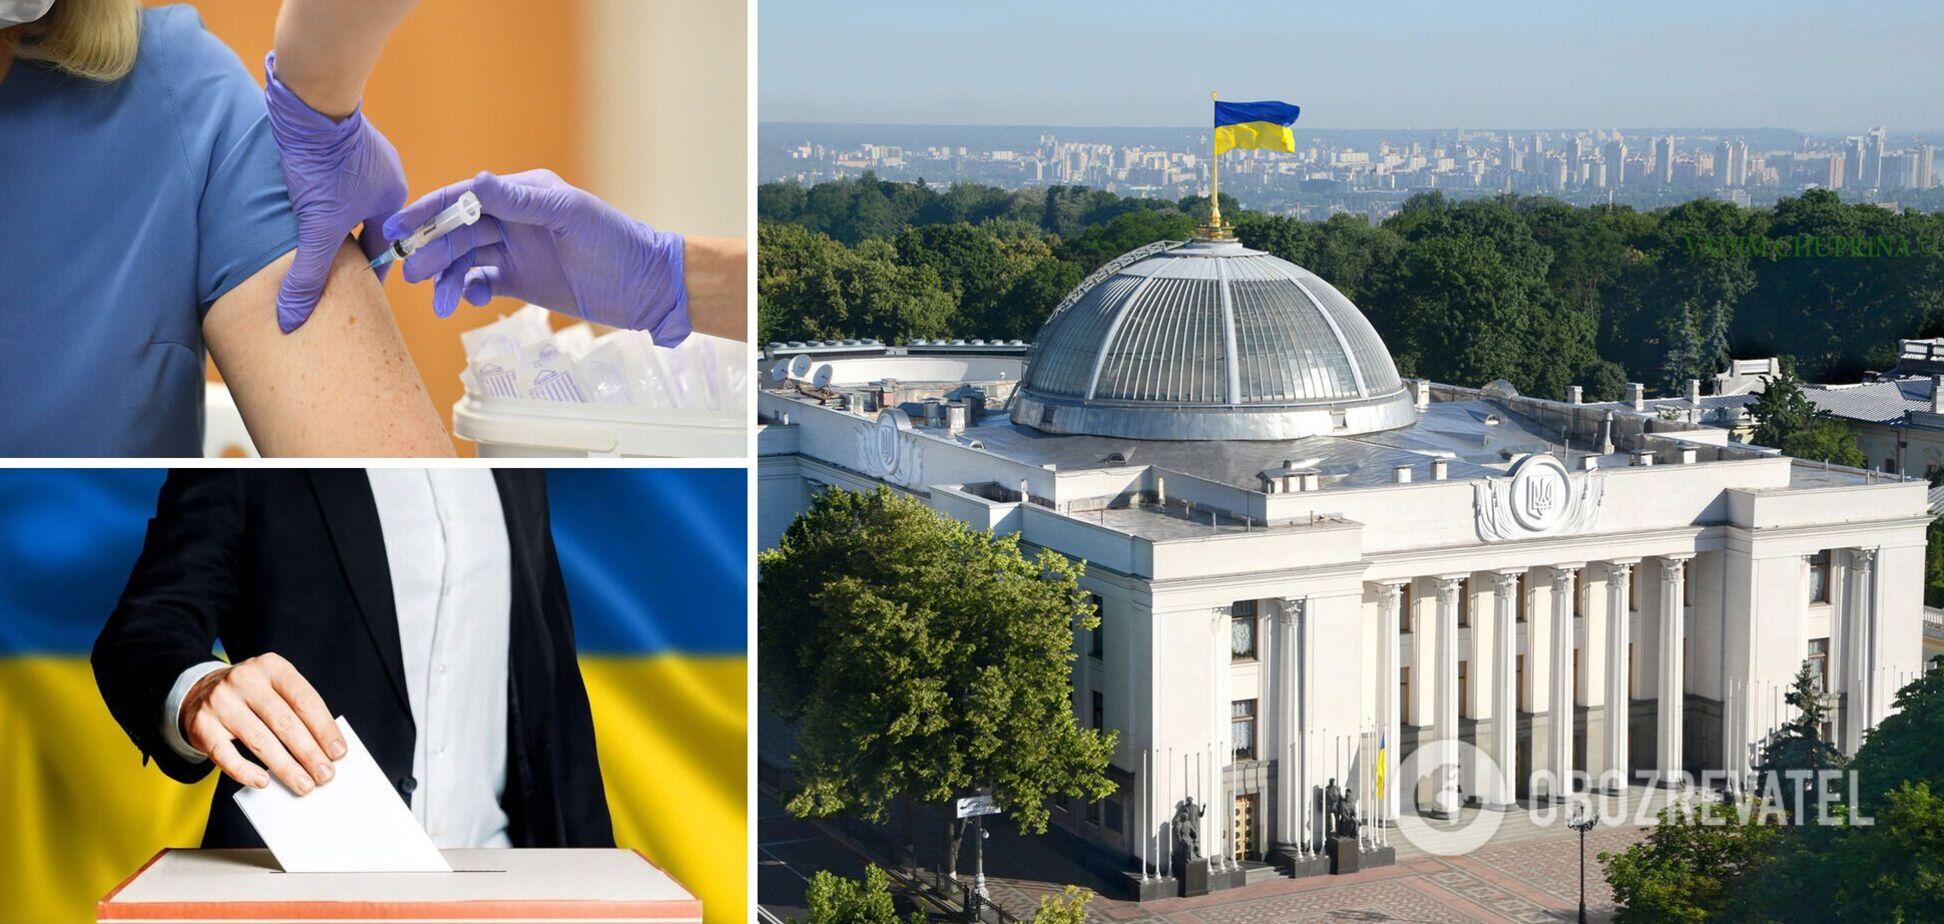 'Порохоботи' – за вакцинацію, 'медведчуки' – проти. Результати спільного соцопитування Українського інституту майбутнього і OBOZREVATEL